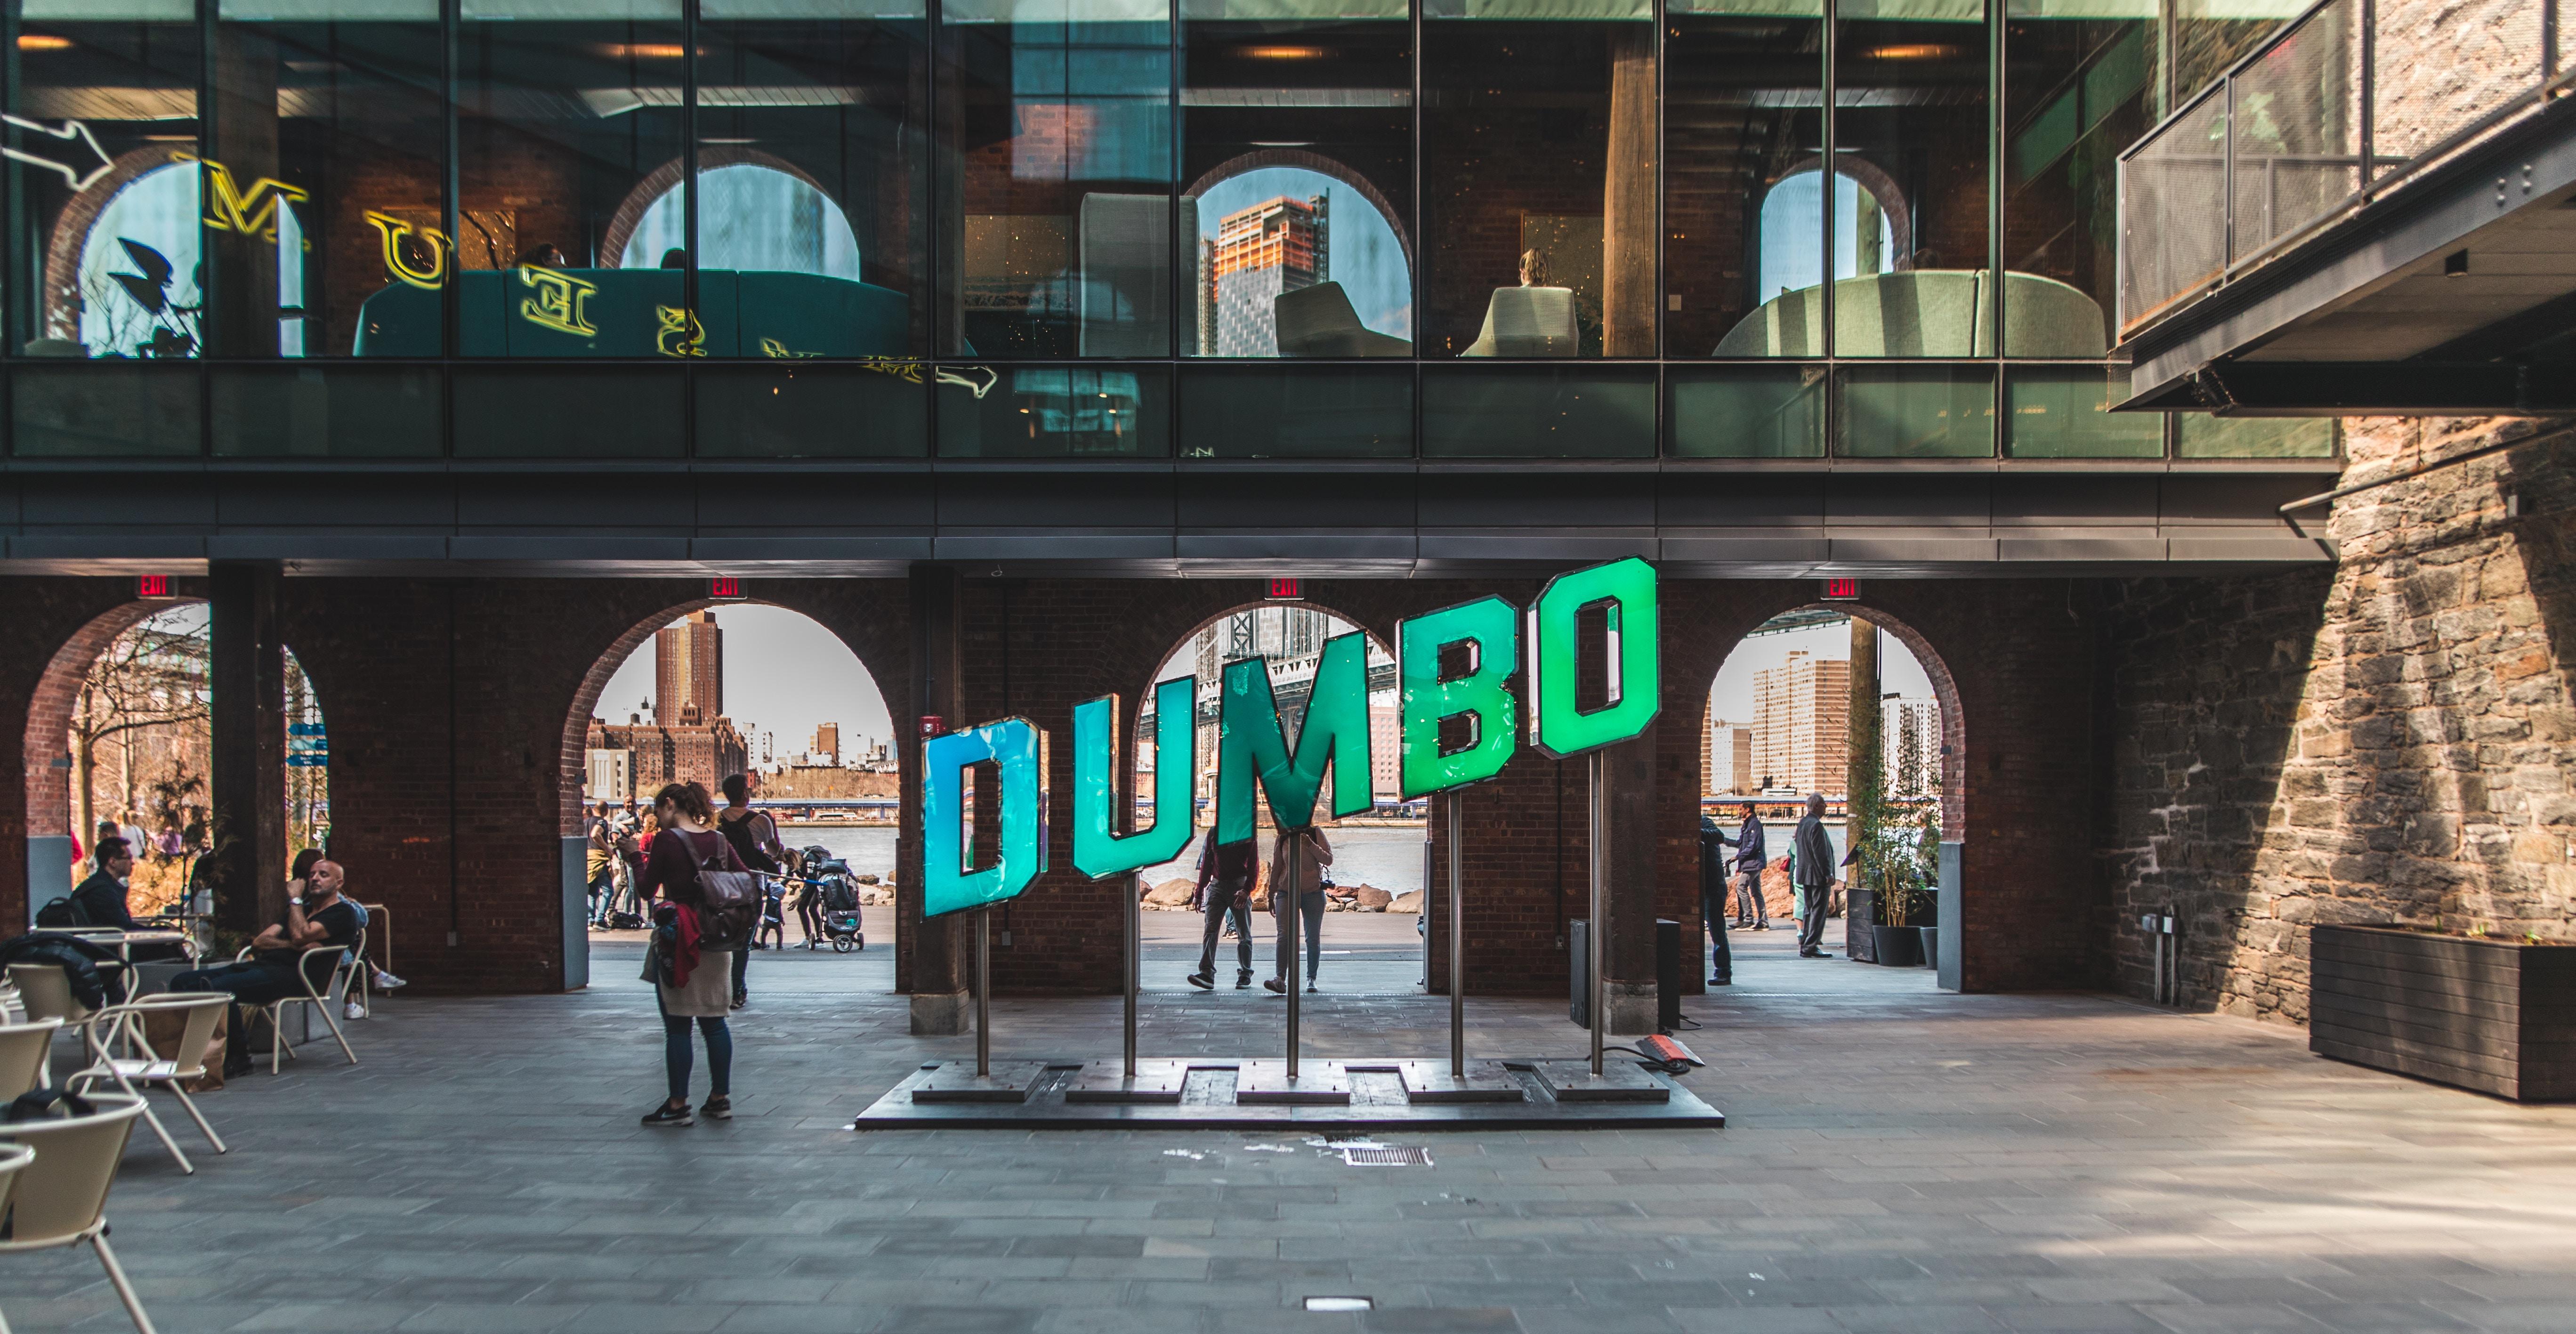 文艺艺术潮流新区—布鲁克林DUMBO房产大数据